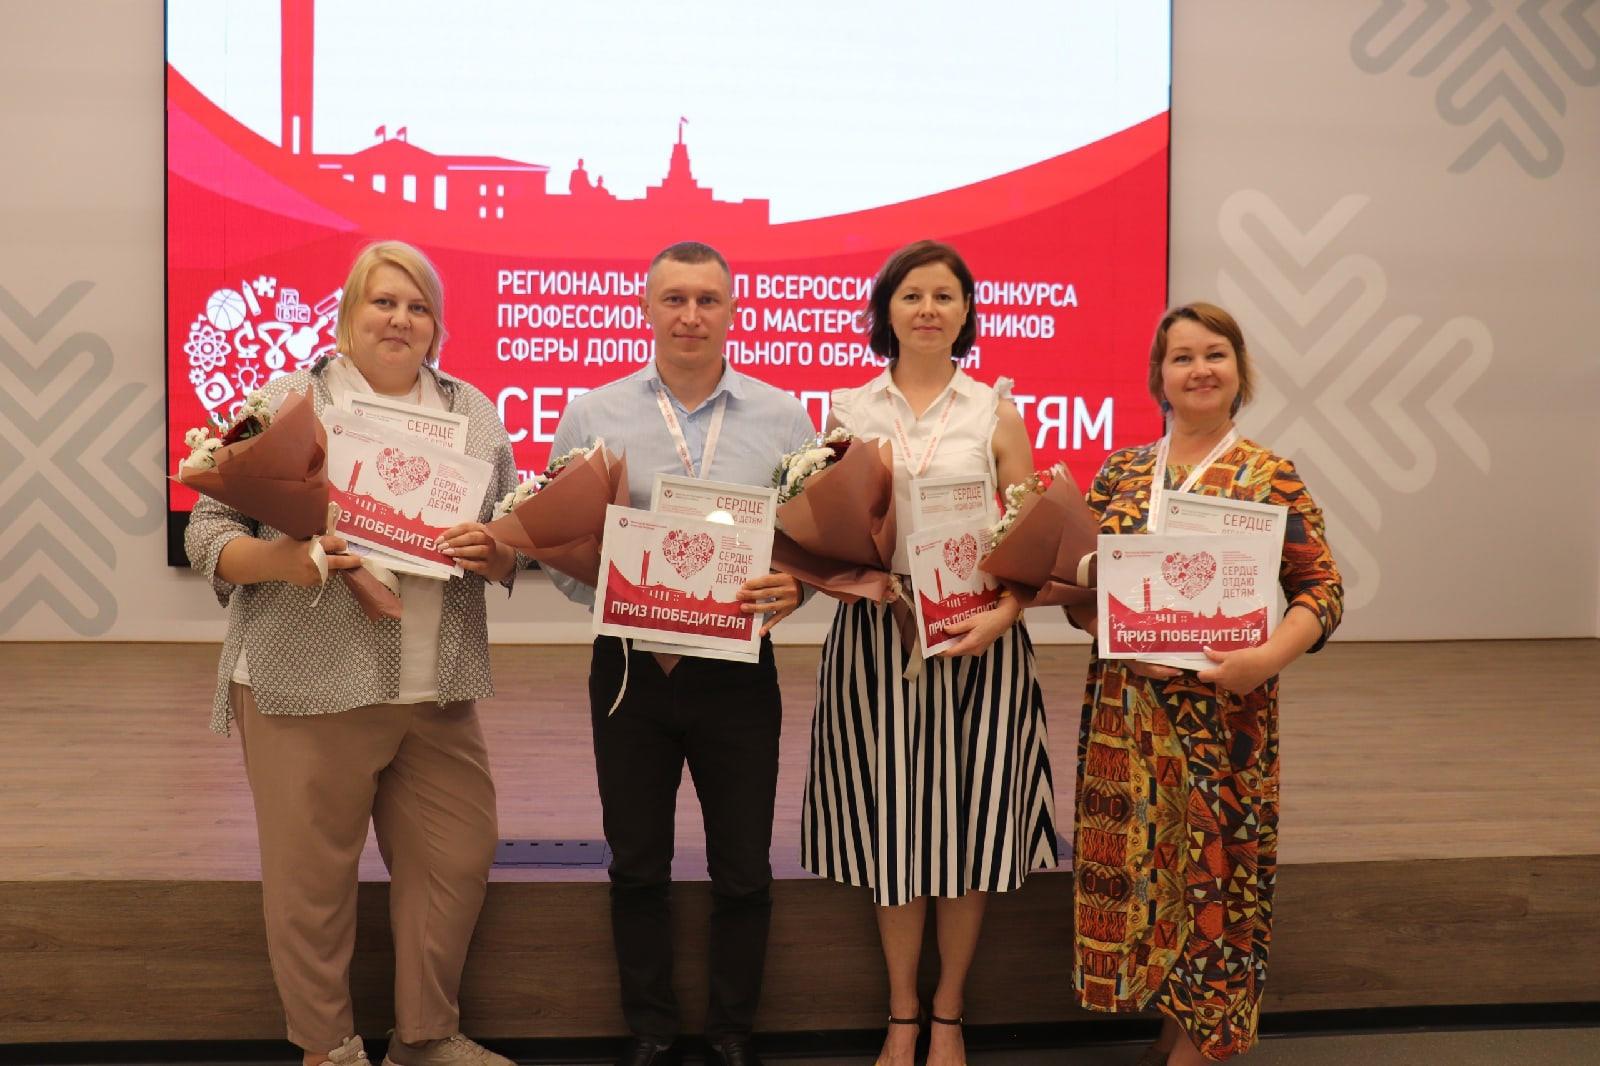 Преподаватели из Можги представят Удмуртию на Всероссийском